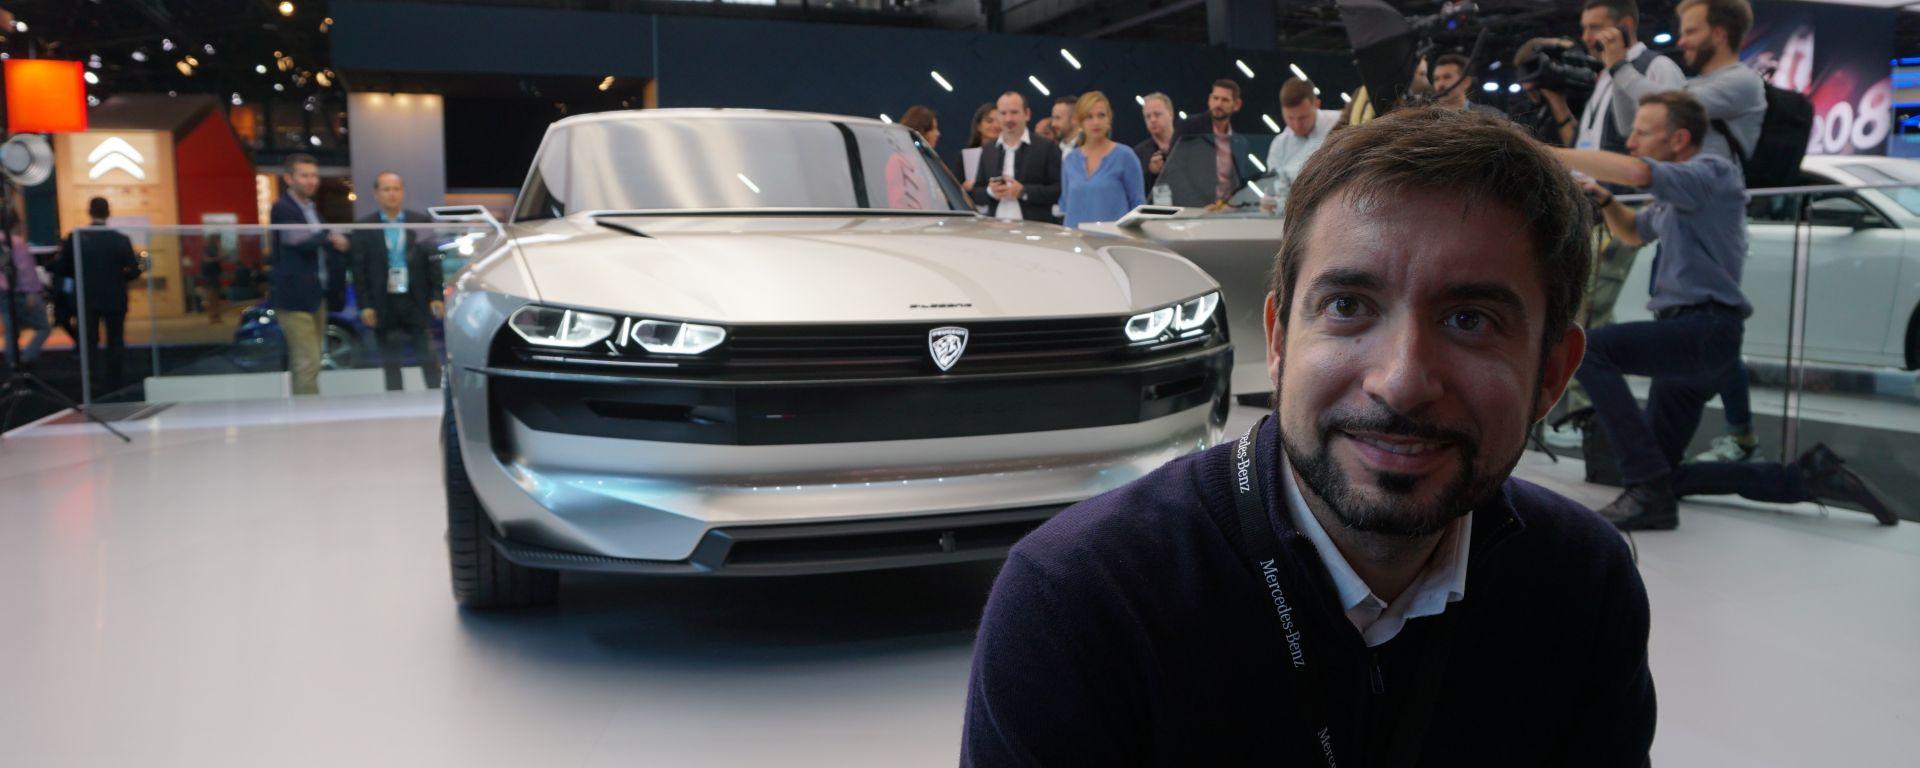 Peugeot e-Legend Concept in video dal Salone di Parigi 2018